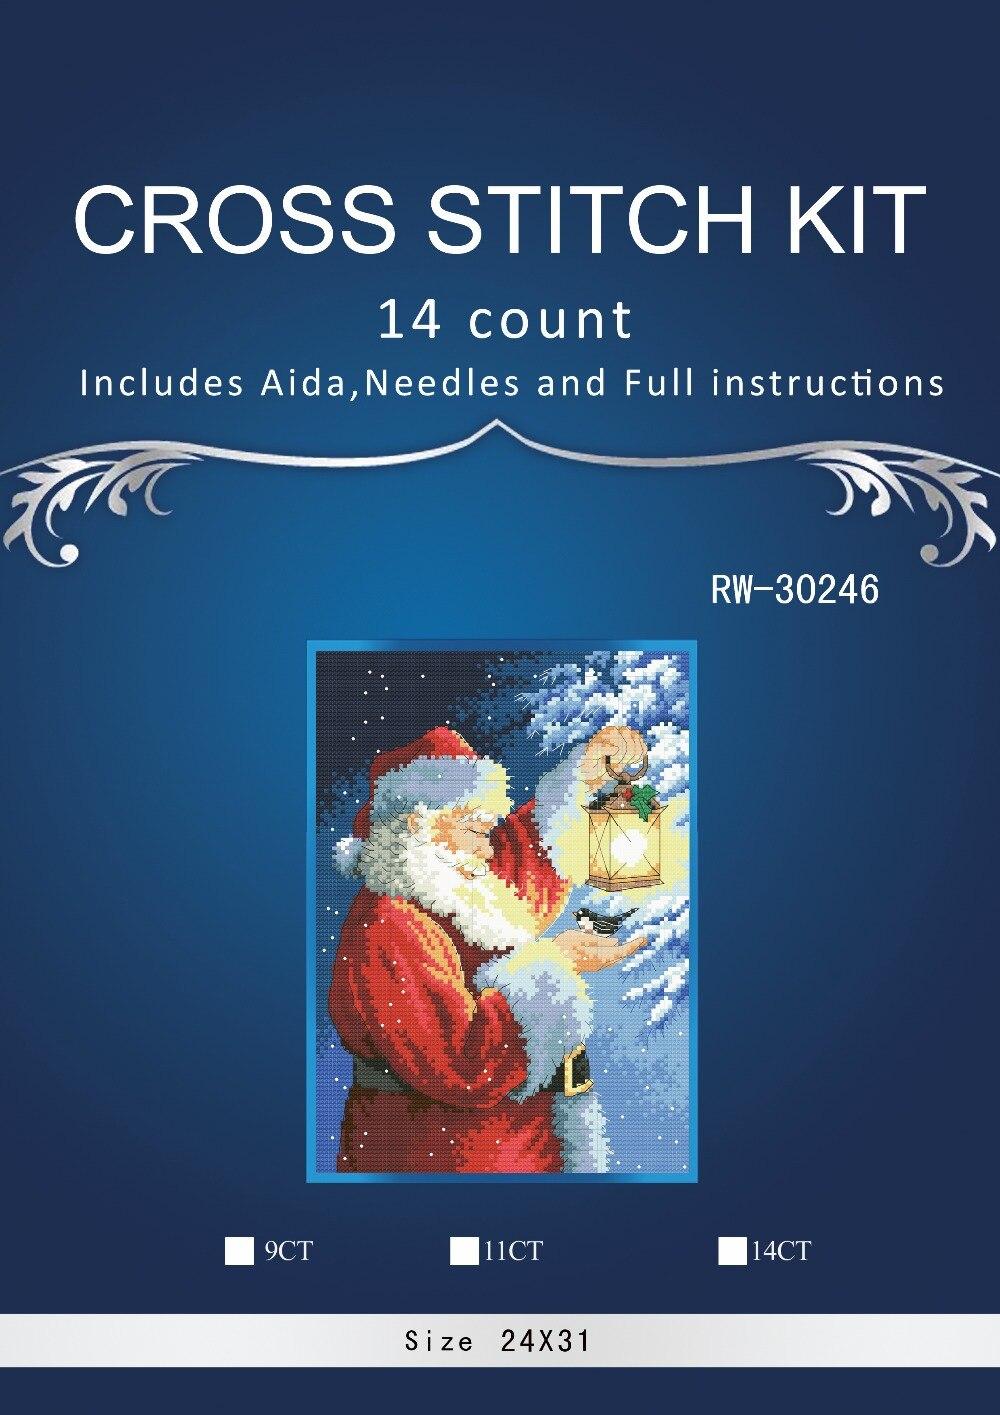 Alta Qualidade Lindo Contados Cross Stitch Kit Fea8thered Amigo do Papai Noel Papai Noel e Pássaro Lanterna Natal noite DIM 03